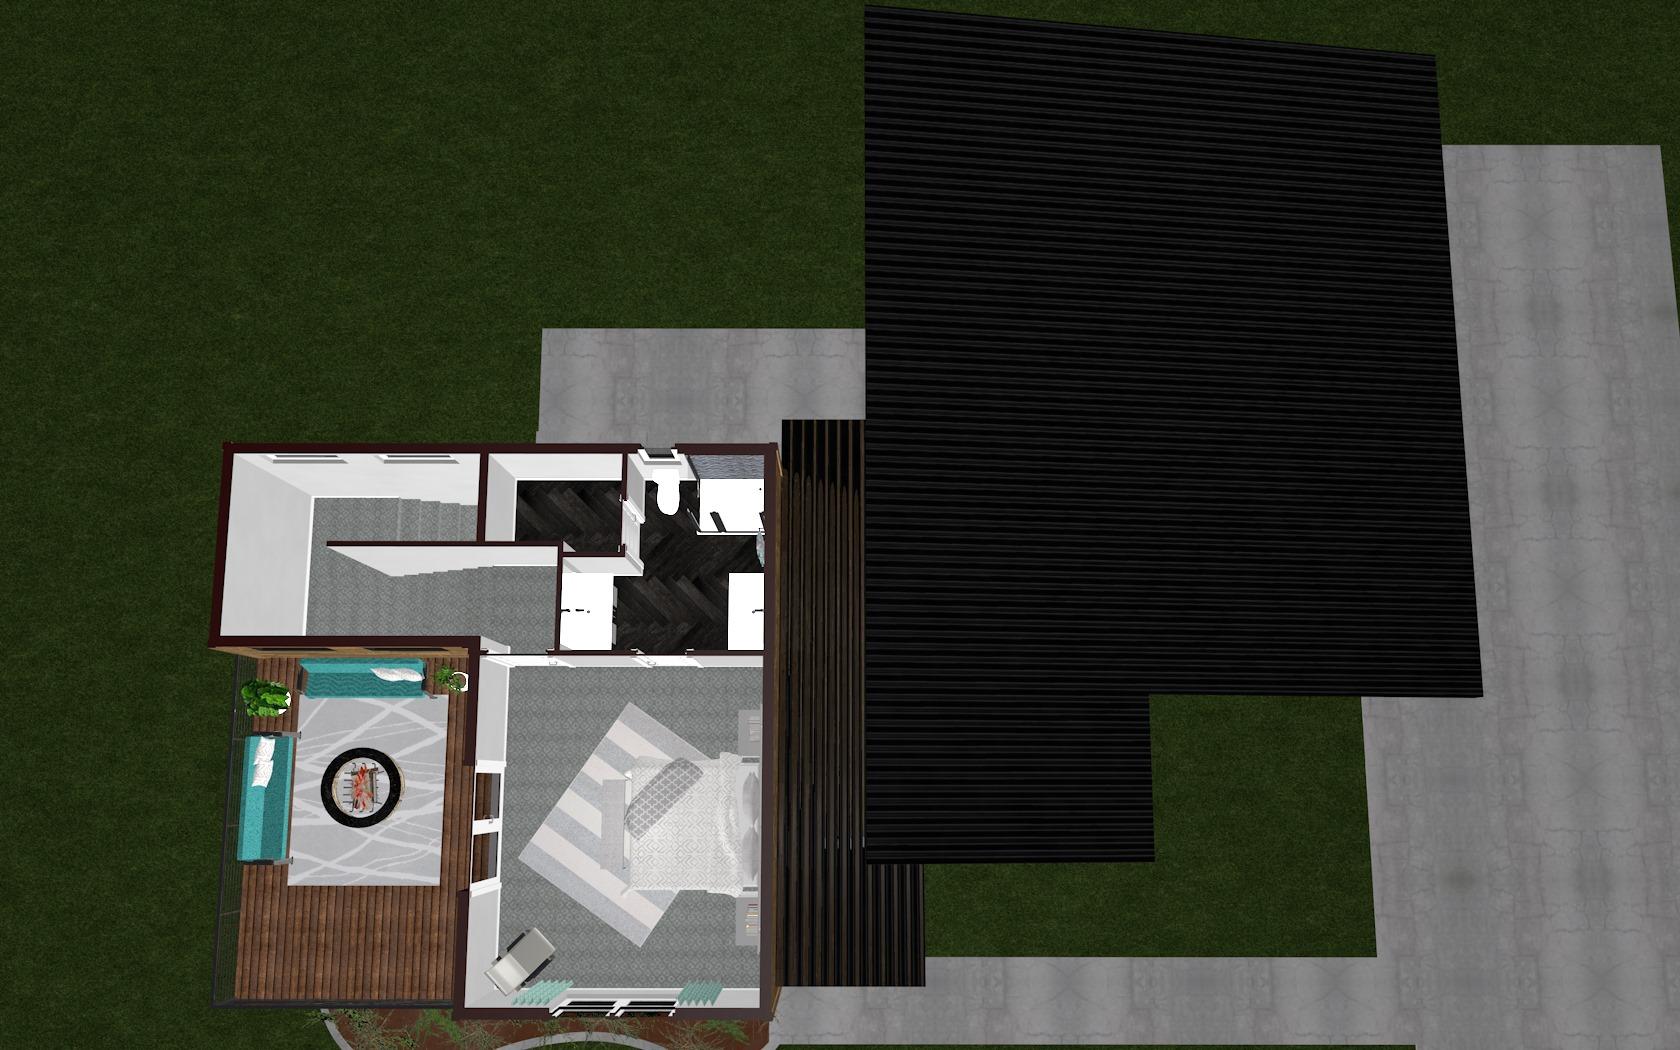 3D Second Floor Plan